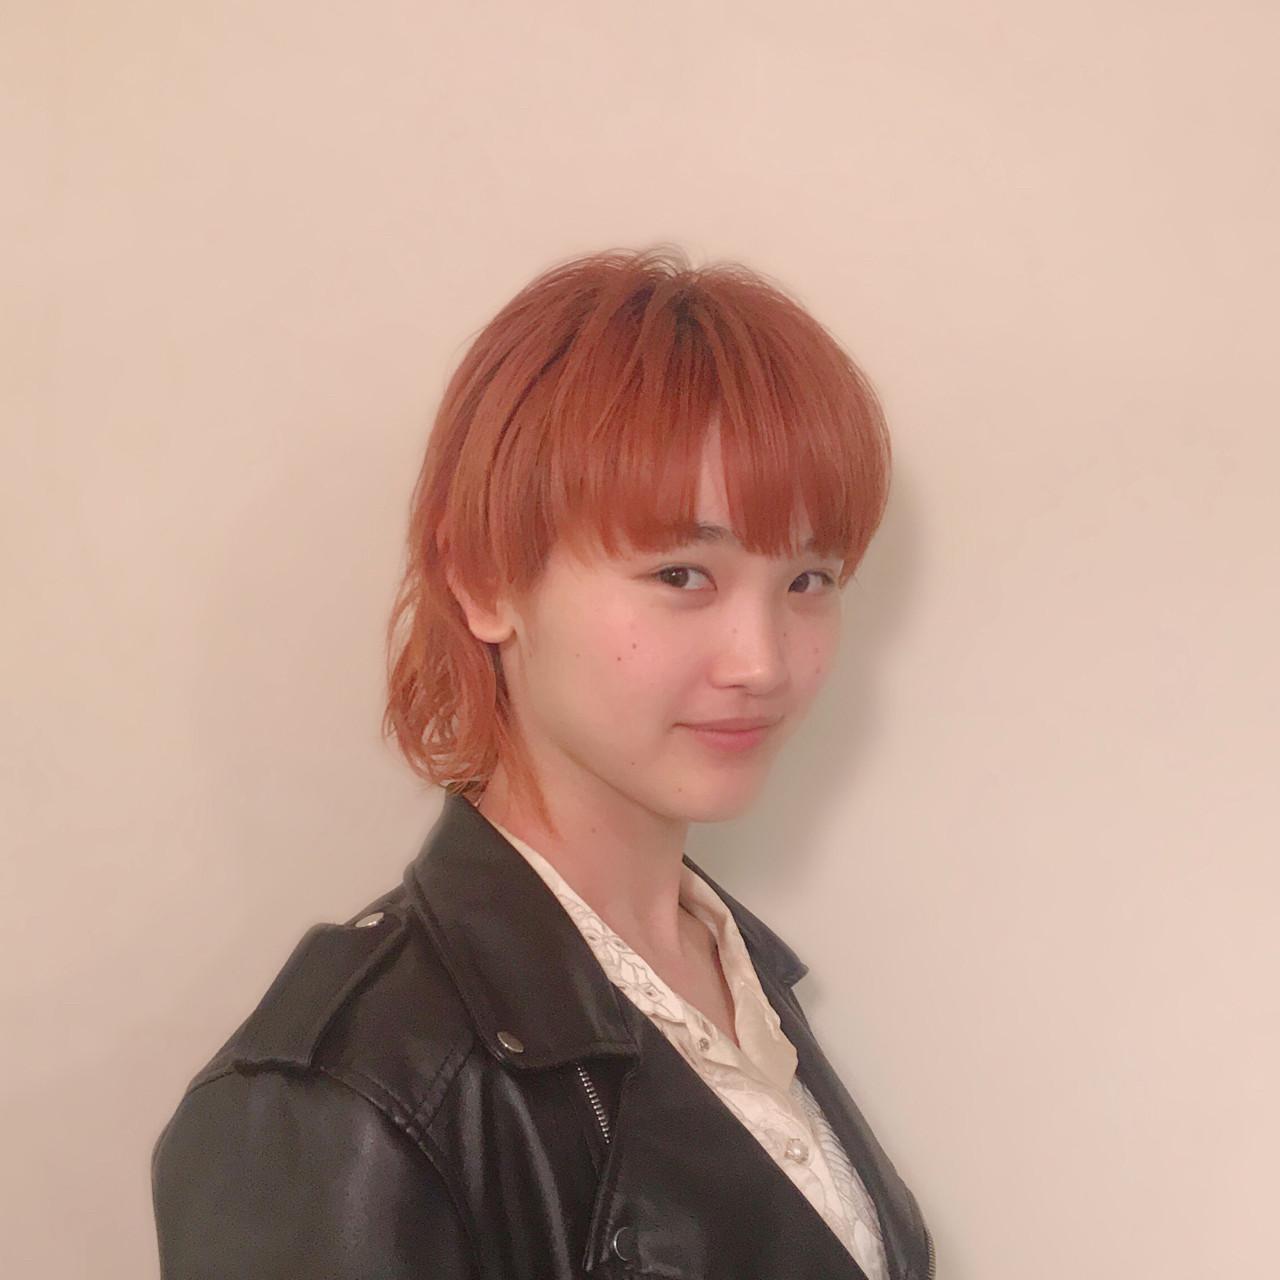 ミディアム ストリート スポーツ マッシュ ヘアスタイルや髪型の写真・画像 | 仙石将也 rire / rire